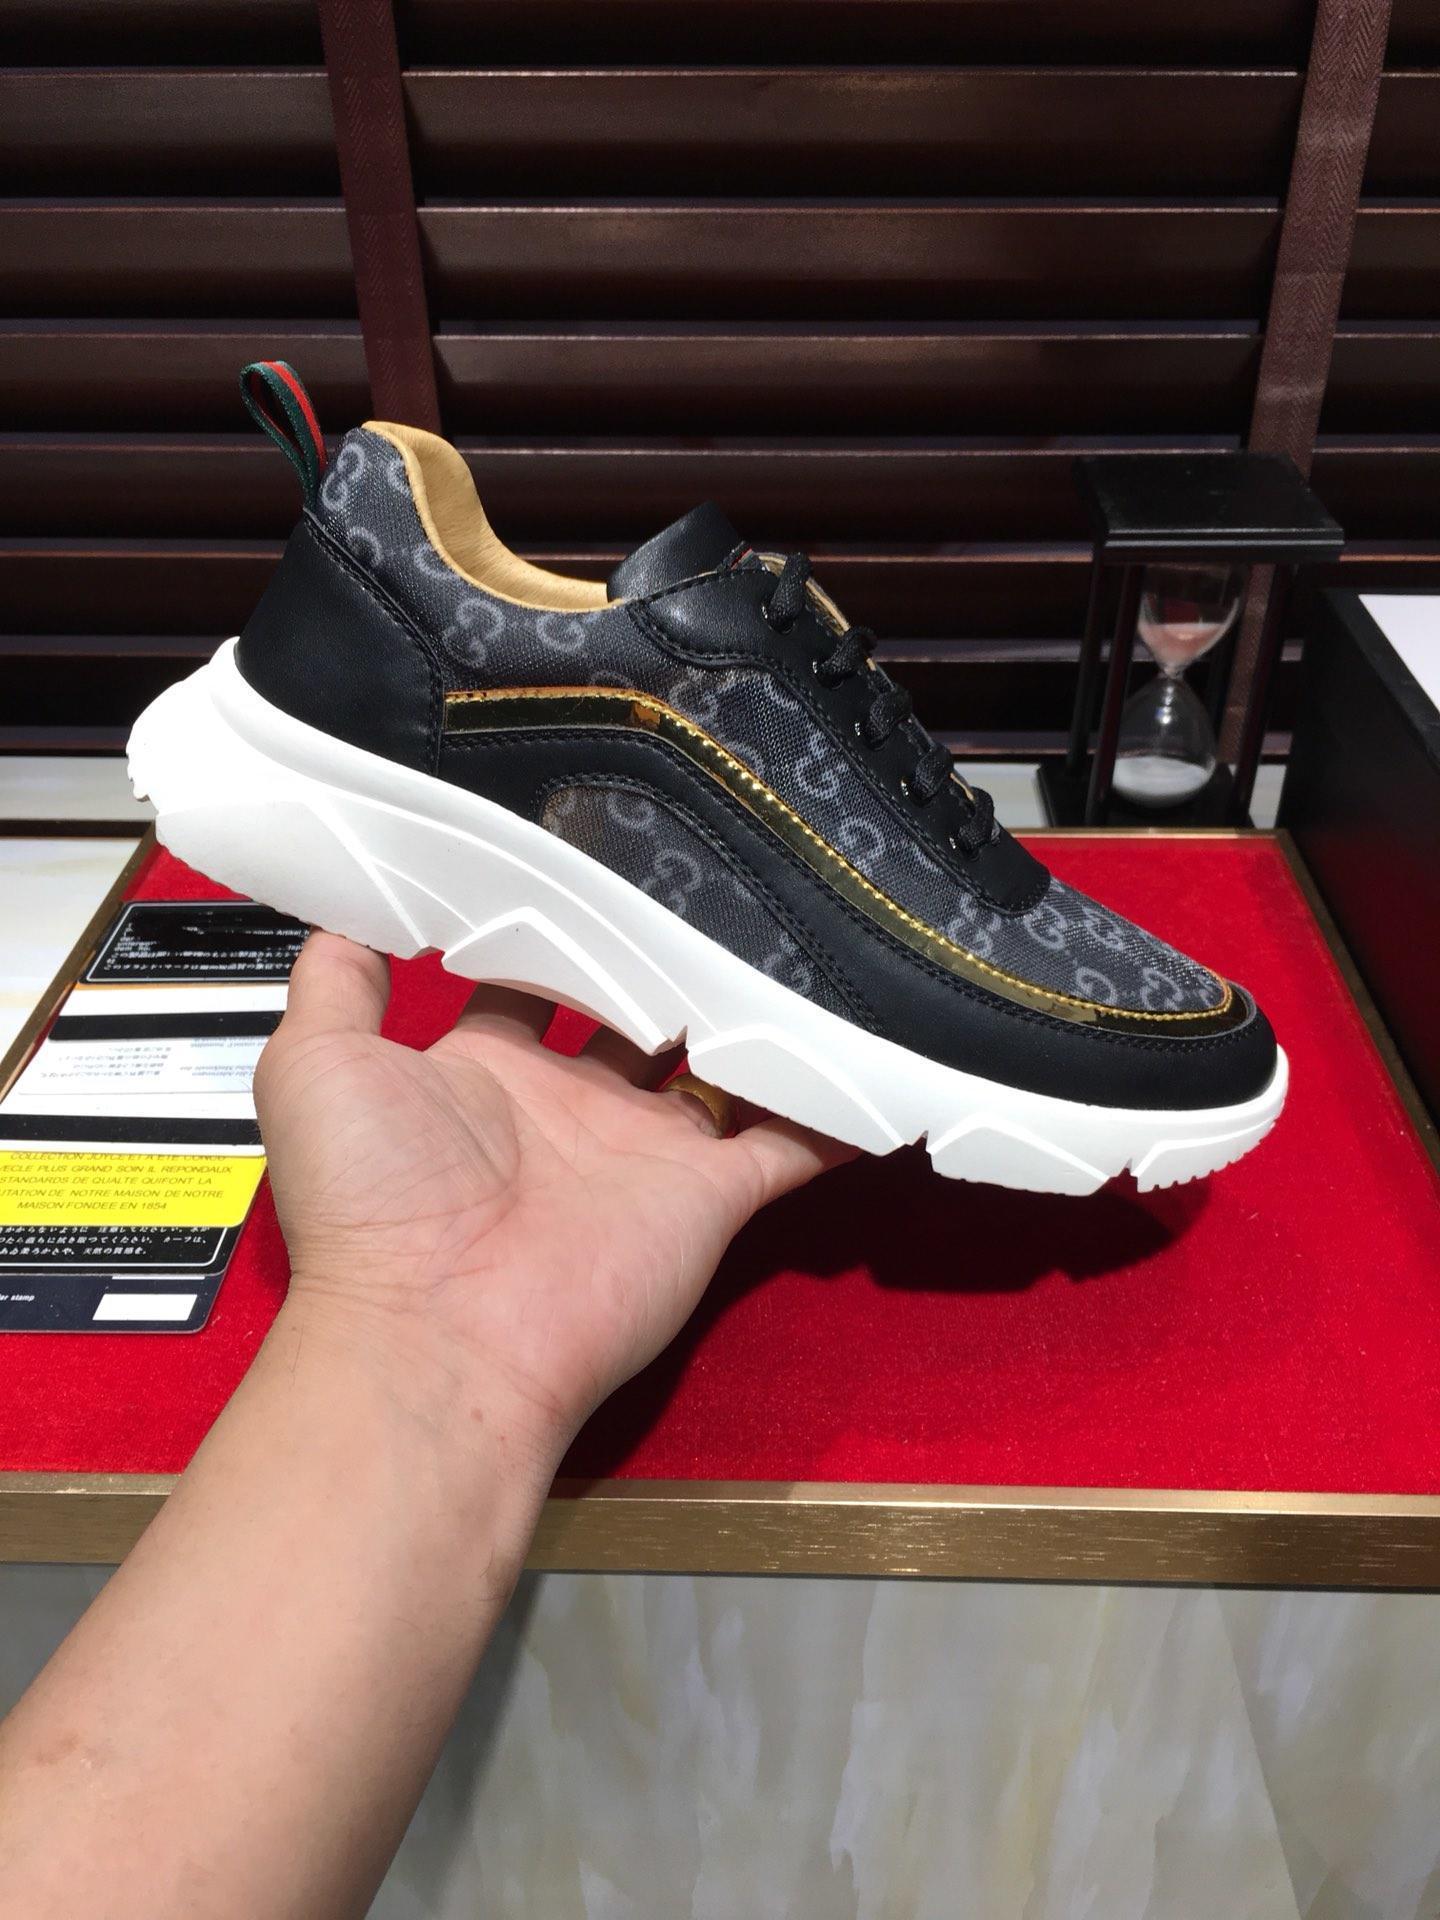 2021j Neue Männer '; S-beiläufige Sport-Schuhe, Qualitäts-Marken-Mode im Freienschuh, Lieferung mit ursprünglichem Schuhkarton, Größe 38 -45